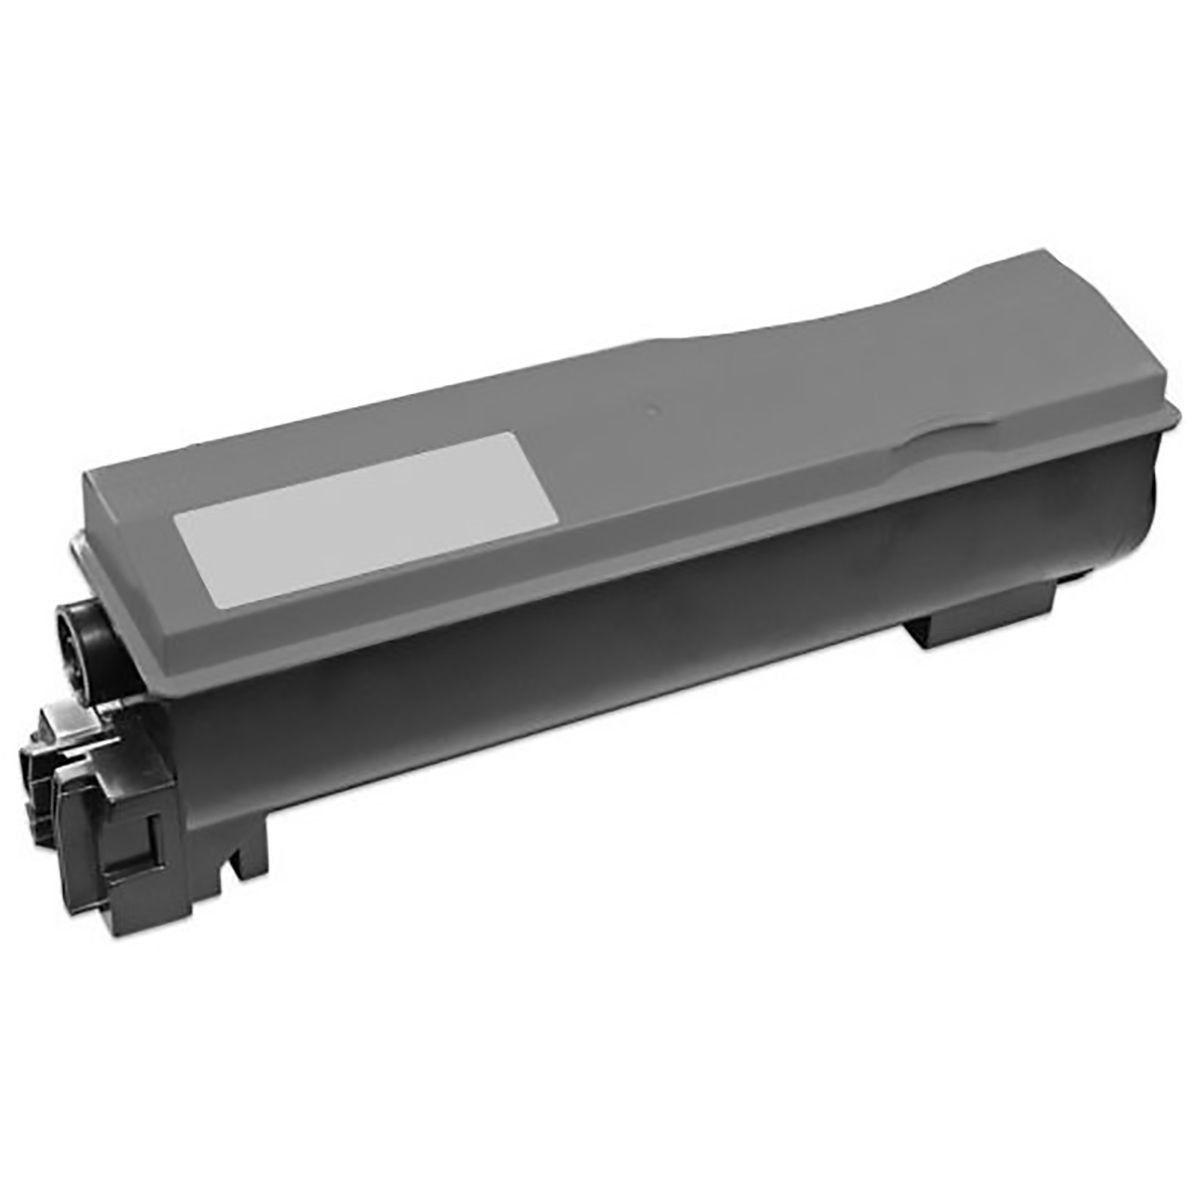 Compatível: Toner TK-582K TK582 para Kyocera P6021cdn P6021 FS-C5150dn FS-C5150 FSC5150dn P-6021cdn / Preto / 3.500